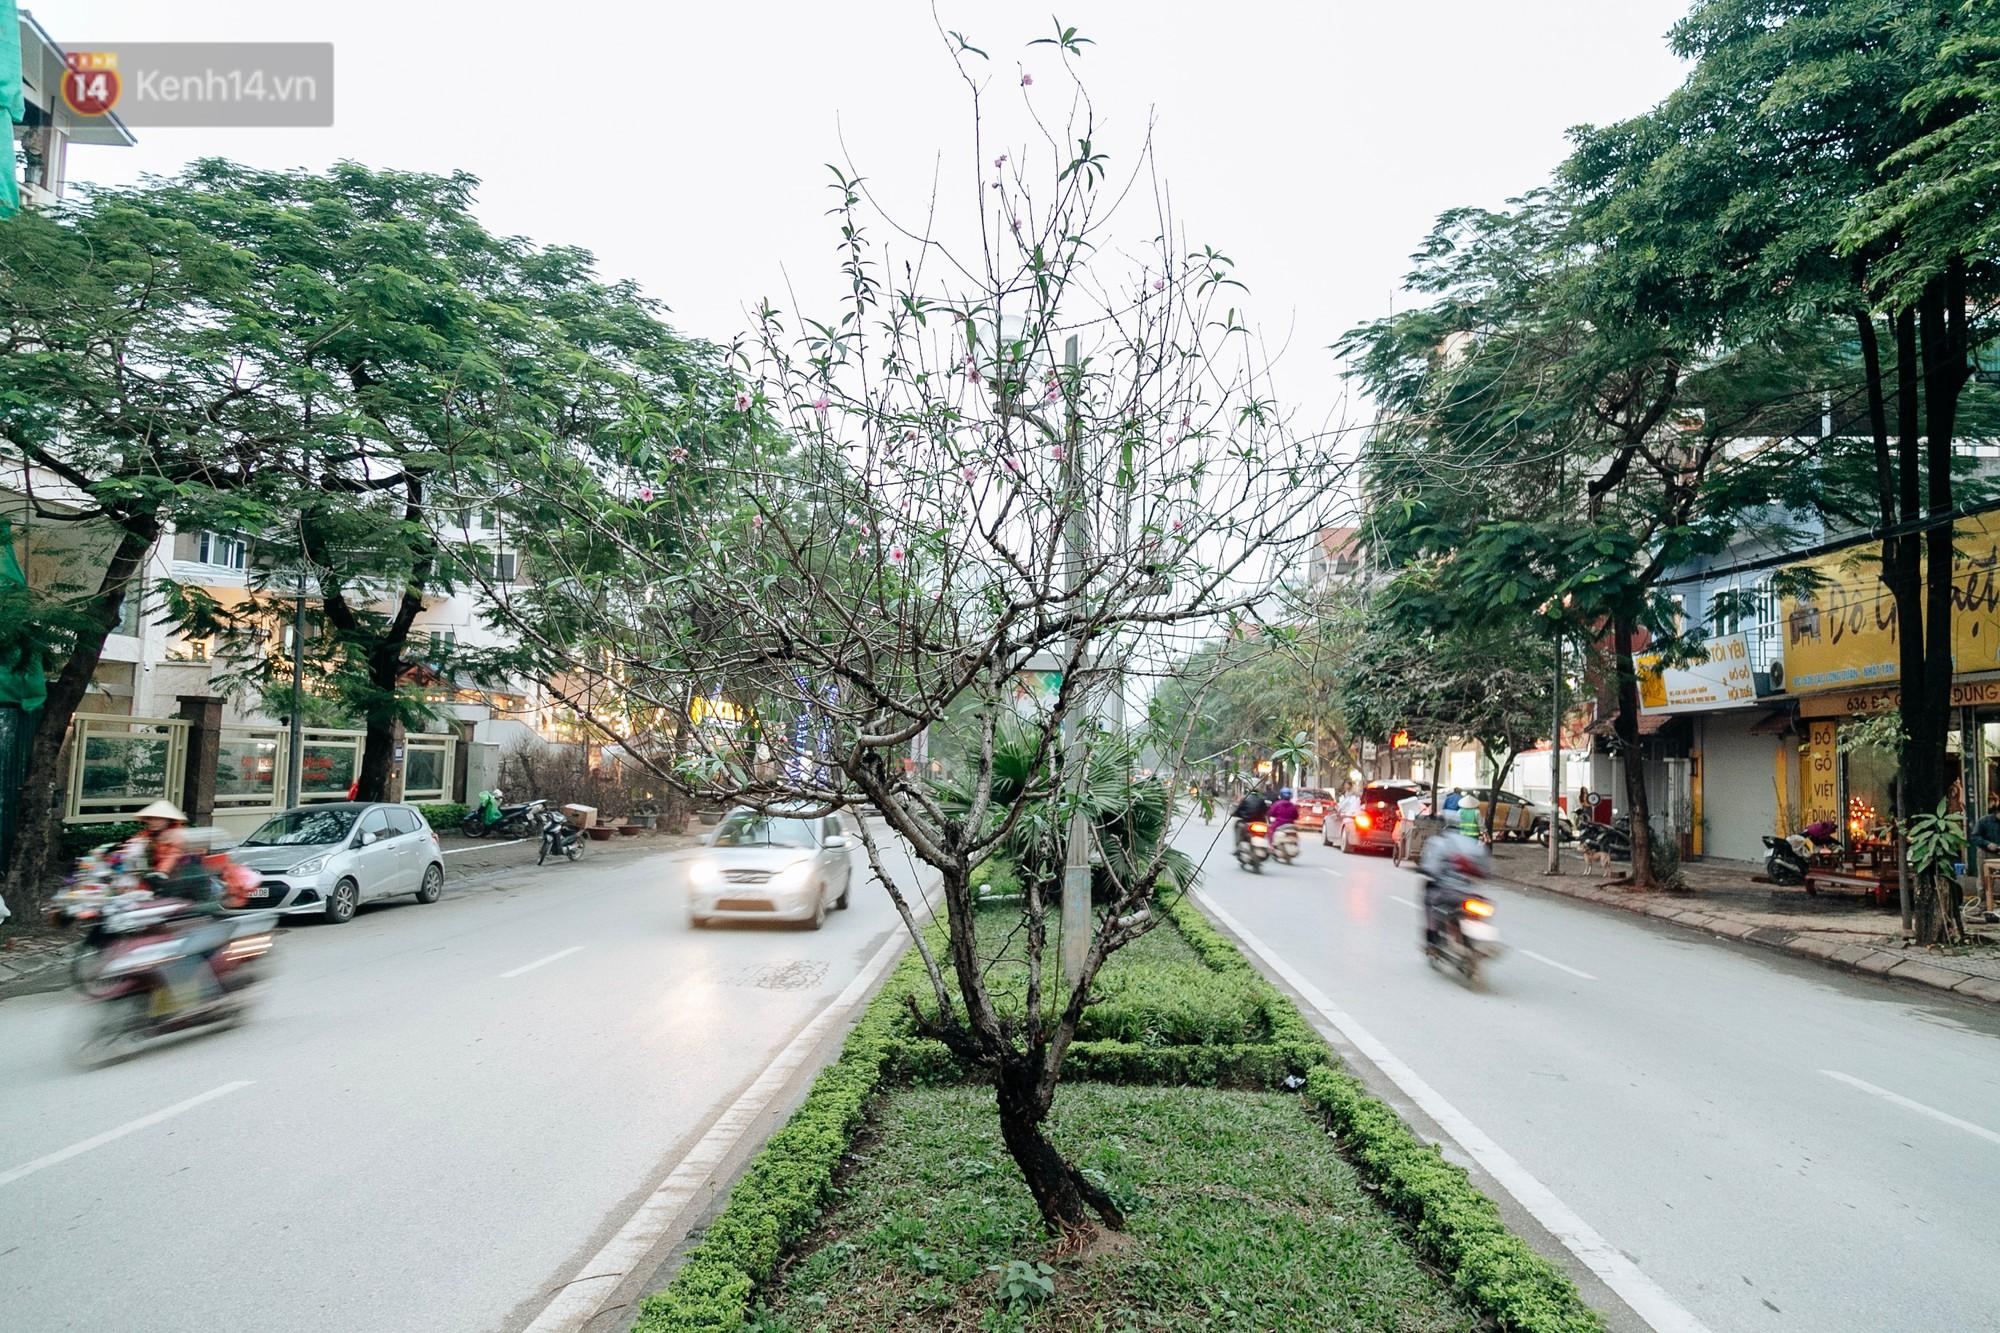 Tết Kỷ Hợi 2019 đã gần cận kề, chỉ còn cách 1 tháng nữa. Trong những cơn mưa phùn đặc trưng của thủ đô, hoa đào nở càng khiến lòng ta thêm rạo rực.